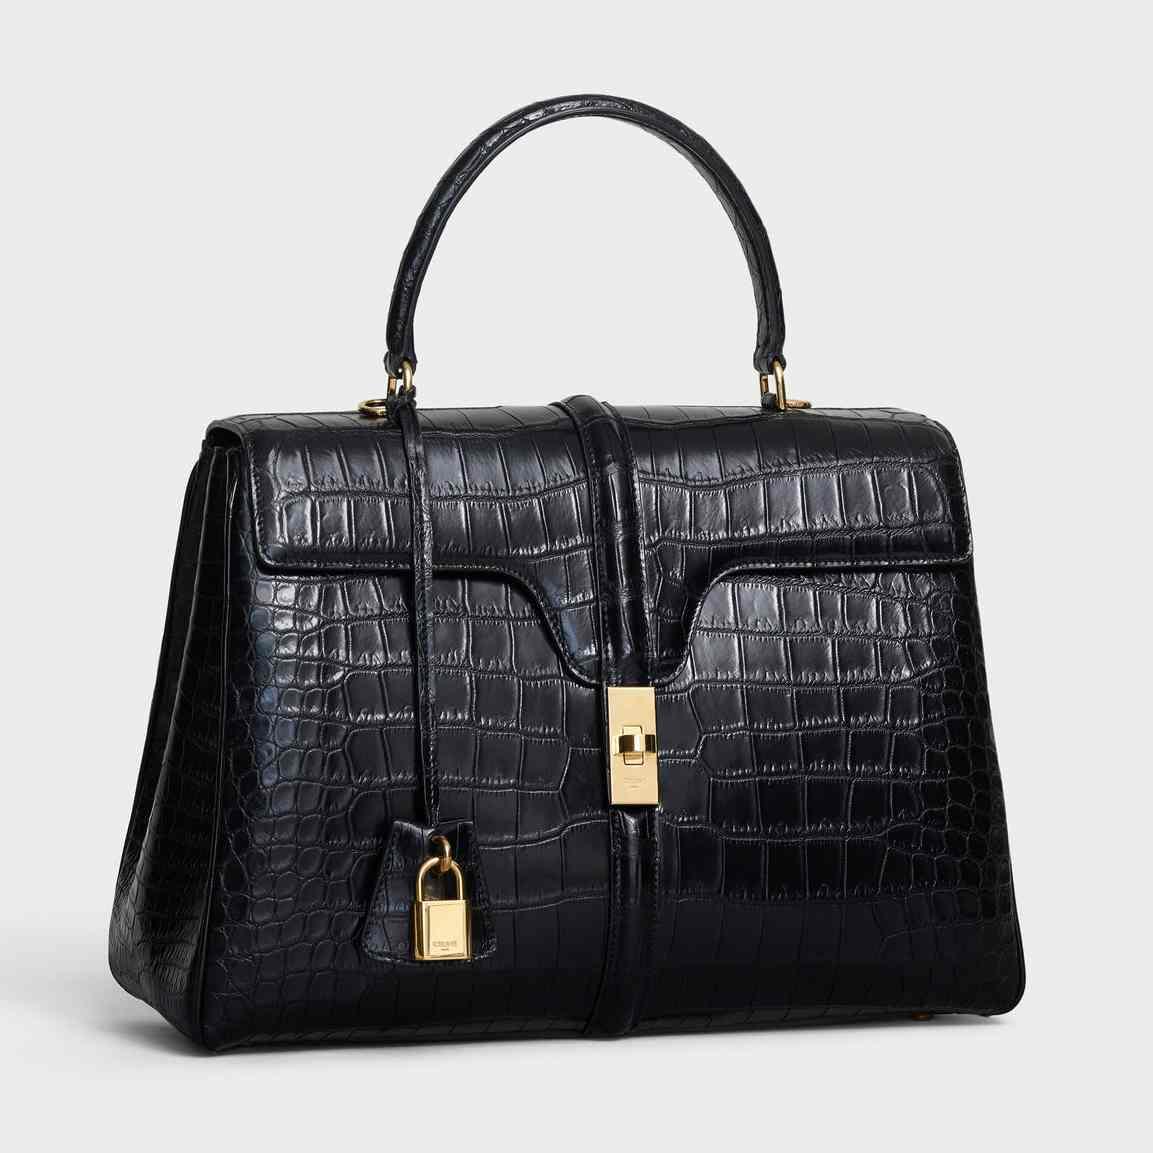 Phiên bản túi 16 bằng da cá sấu màu đen cỡ vừa có giá lên đến 32.000 euro (hơn 801 triệu đồng).